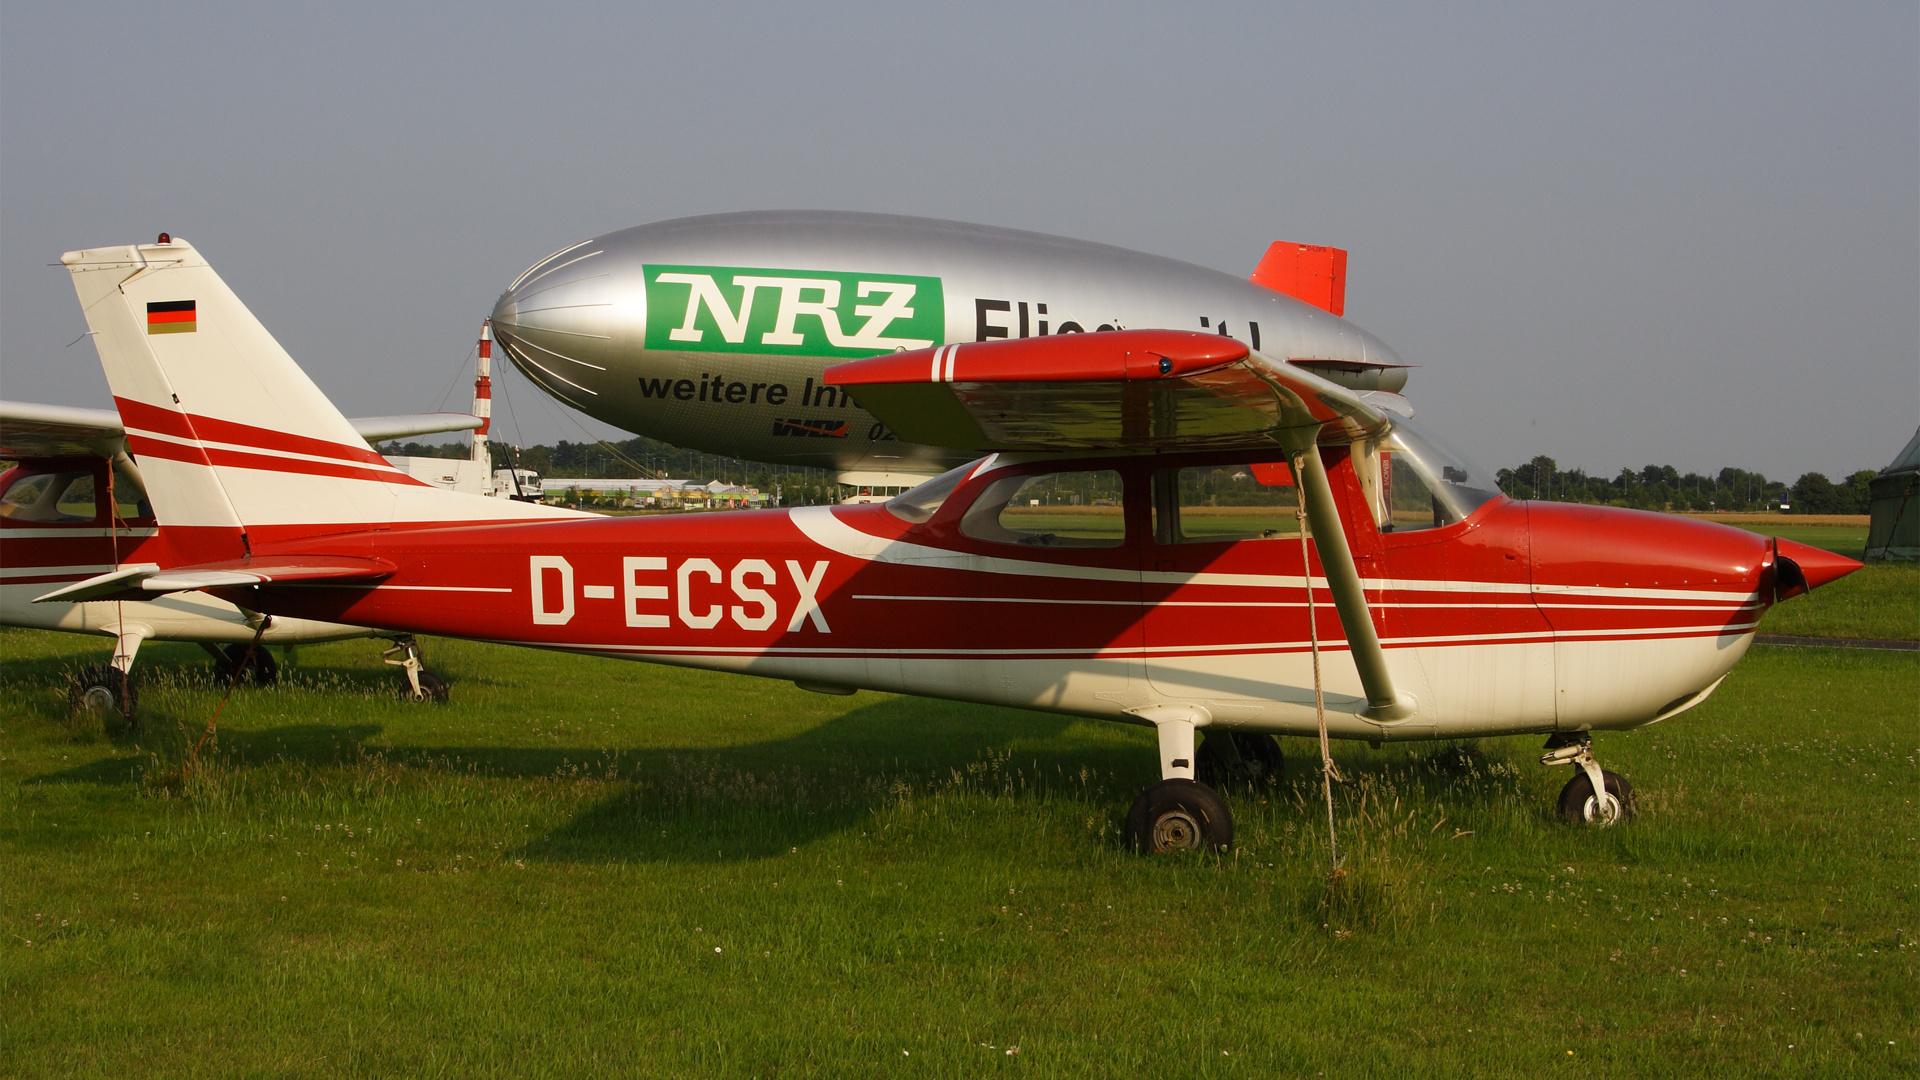 D-ECSX-1 C172 ESS 200907